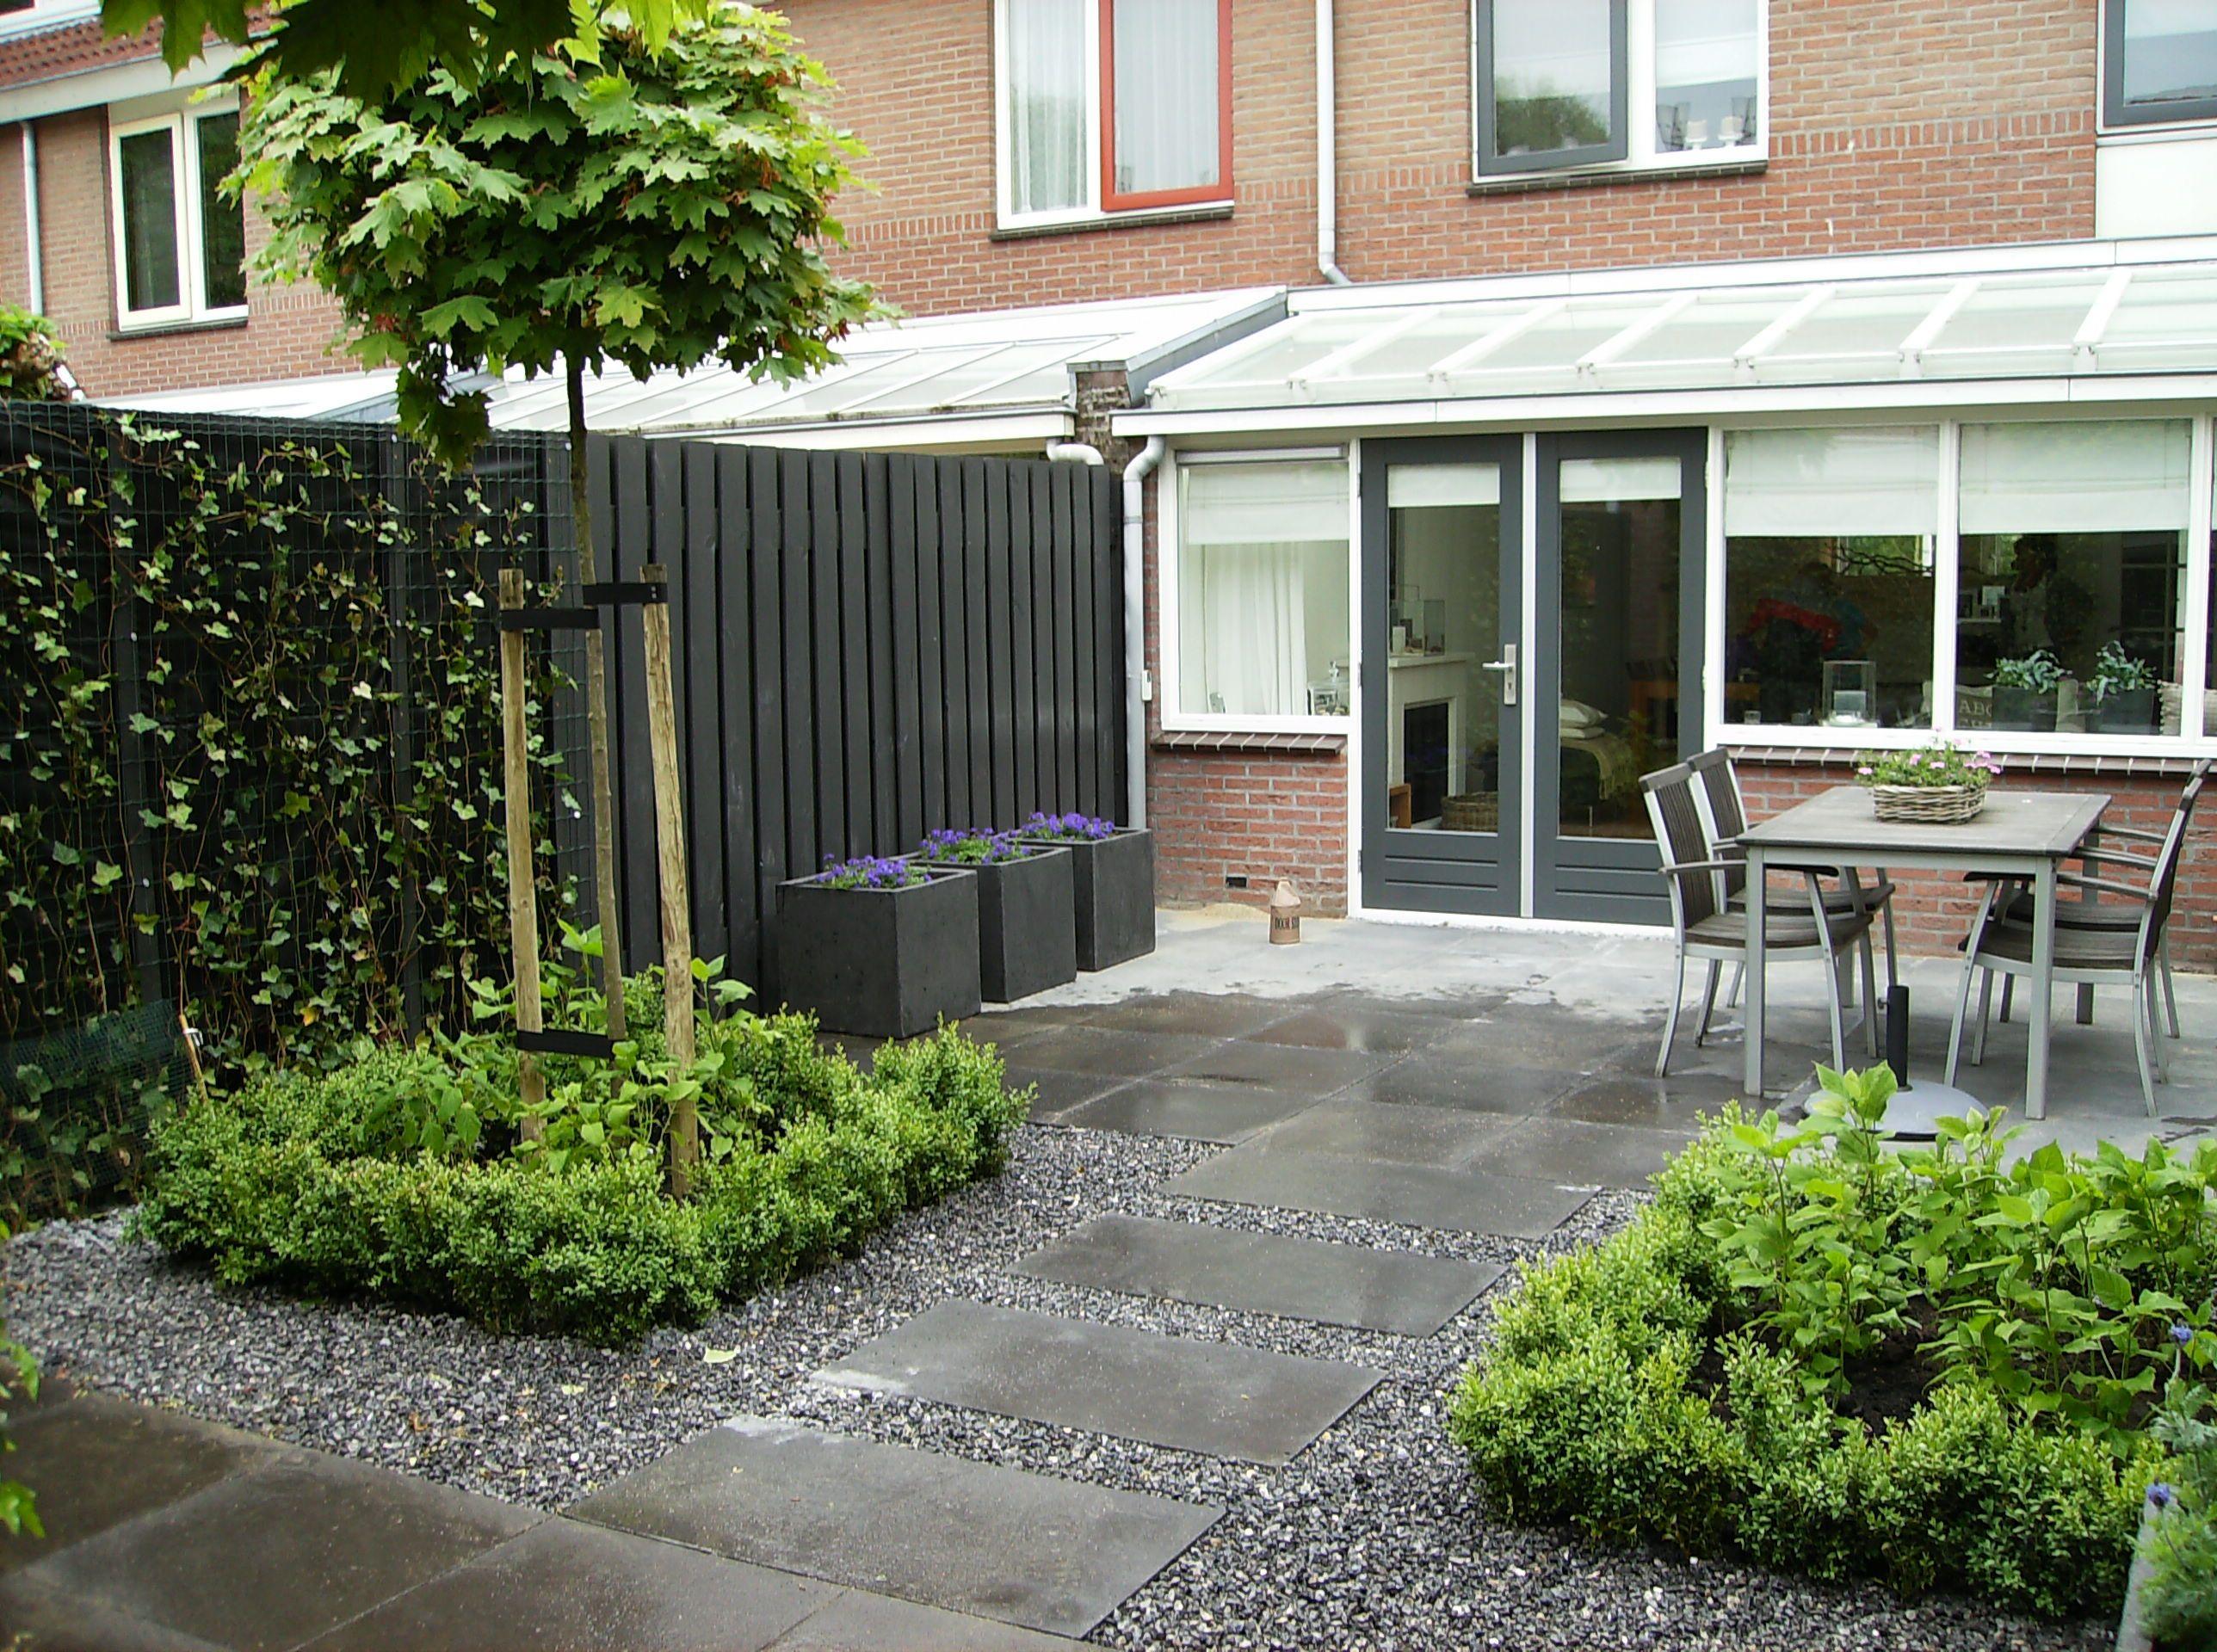 Tuinontwerp Kleine Tuin : Voorbeeld tuinontwerp kleine tuin google zoeken tuin ideeen